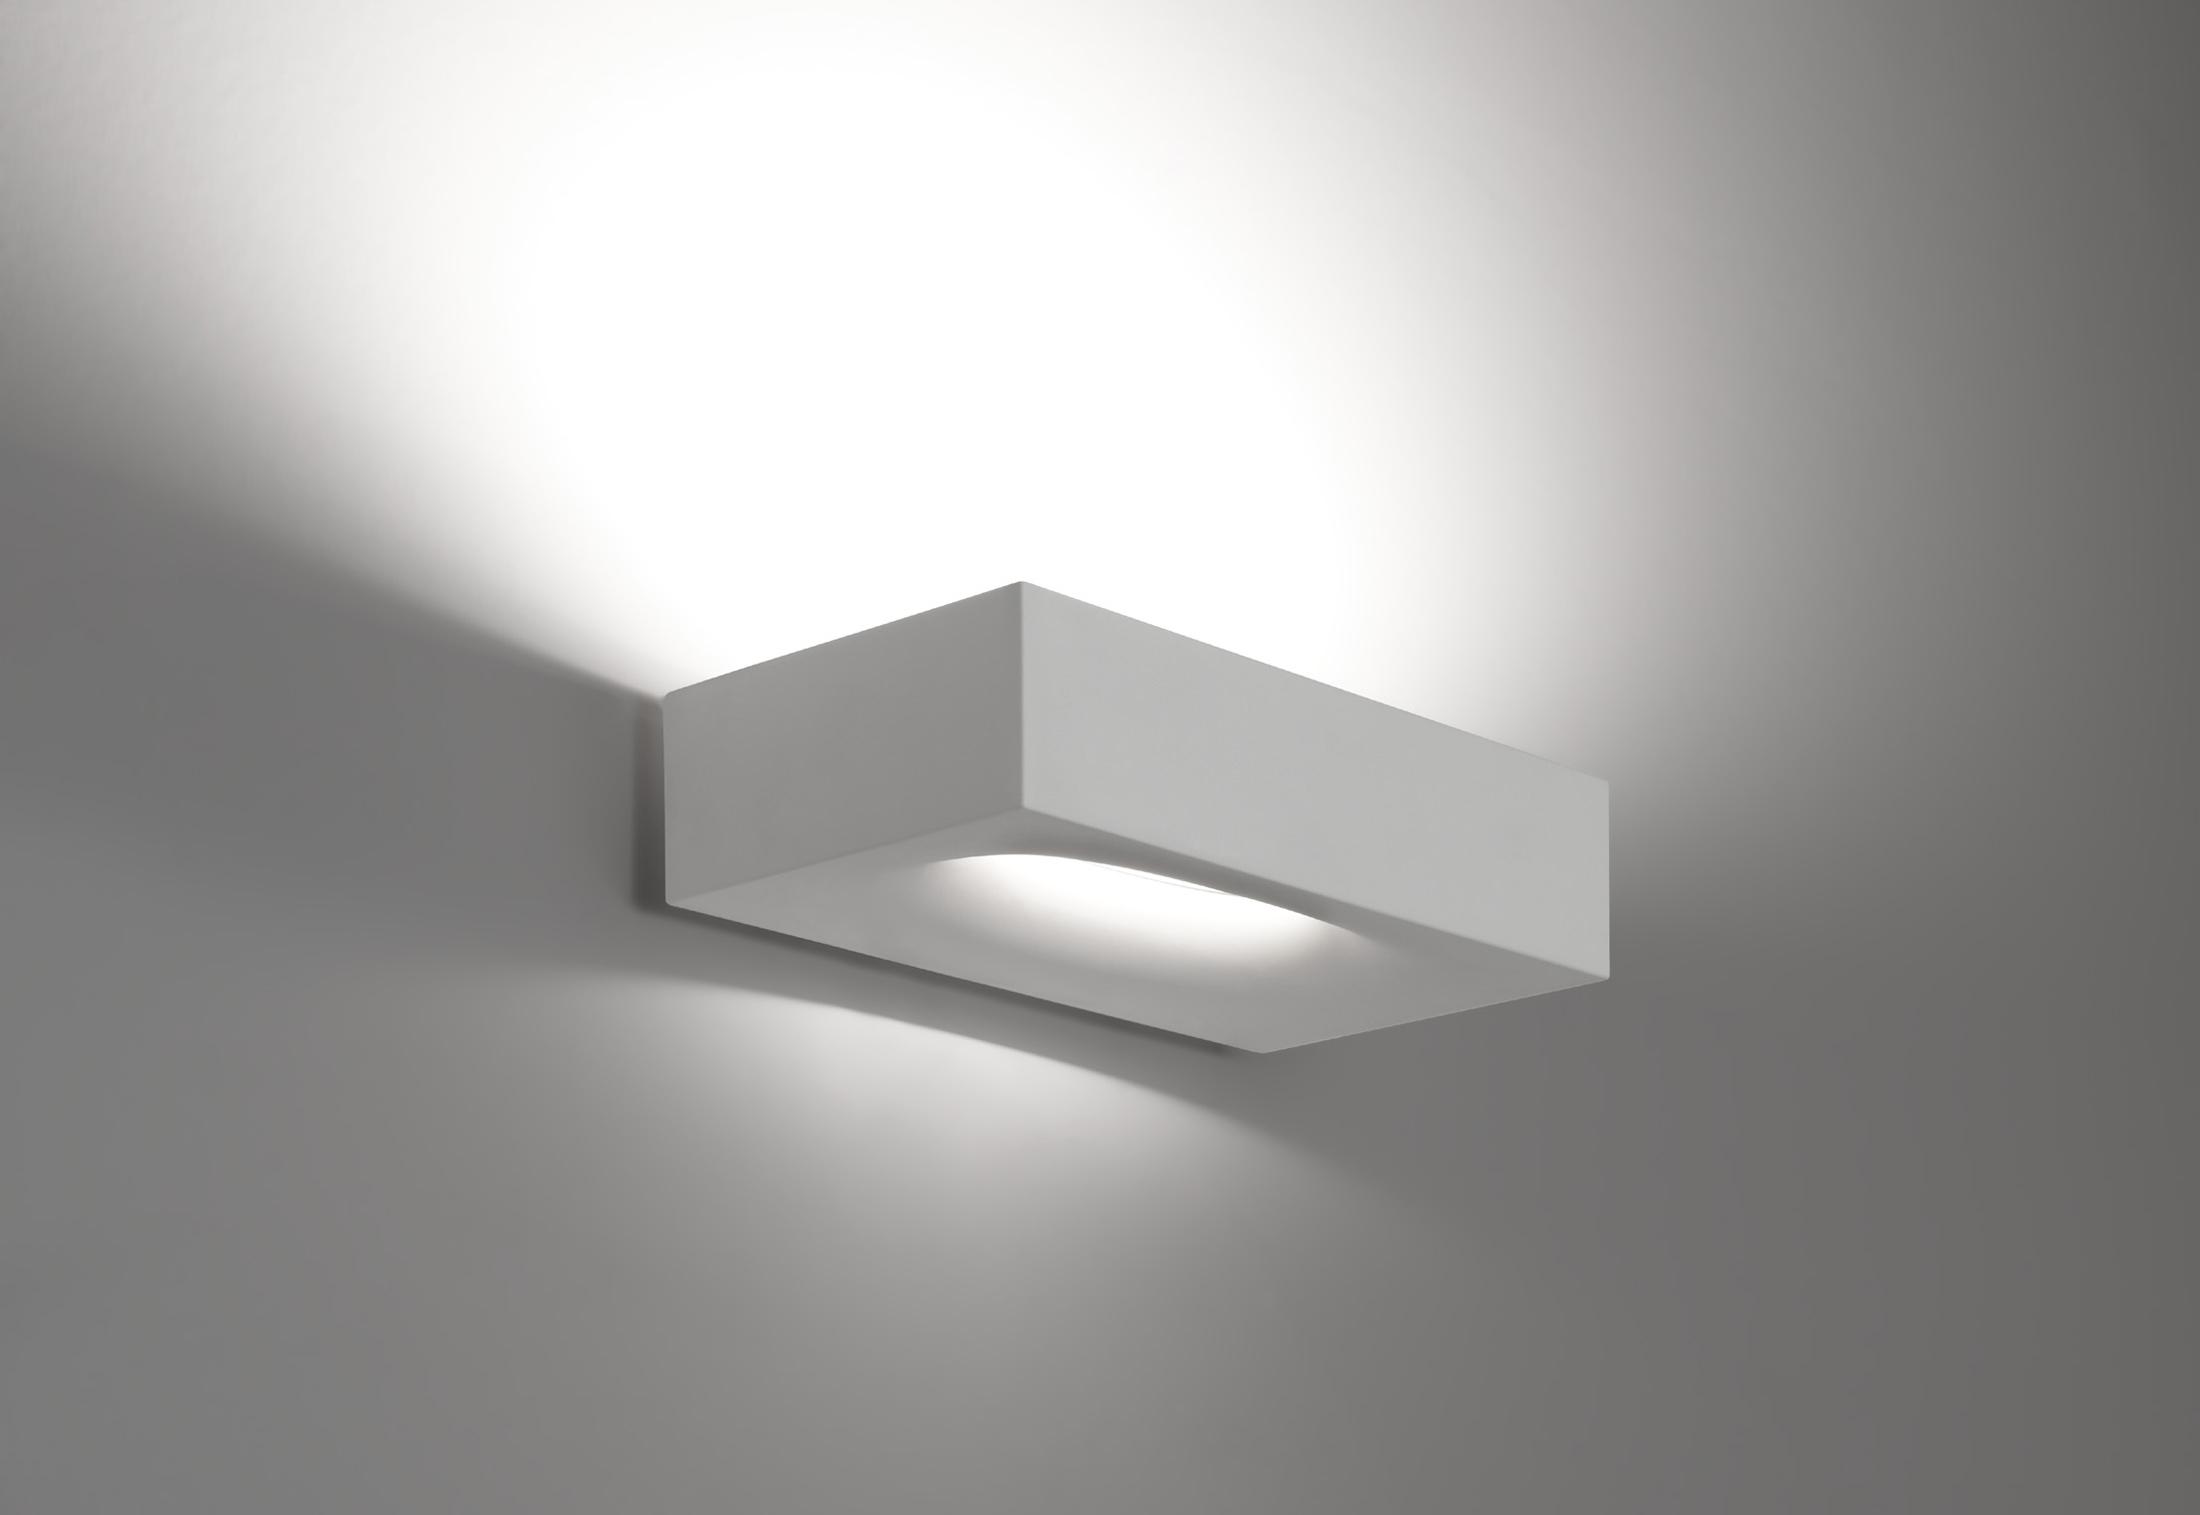 Melete di Artemide Lampade a parete - Illuminazione ...